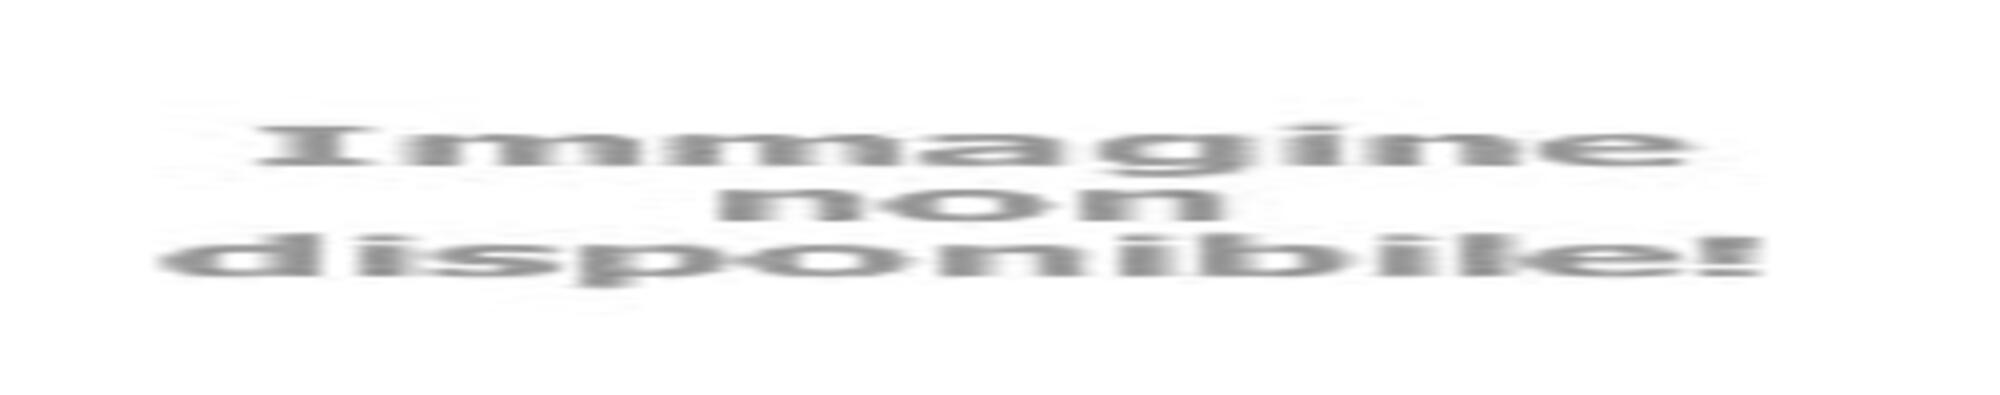 Offerta LOW COST: inizia l'estate con tutta la famiglia al mare!